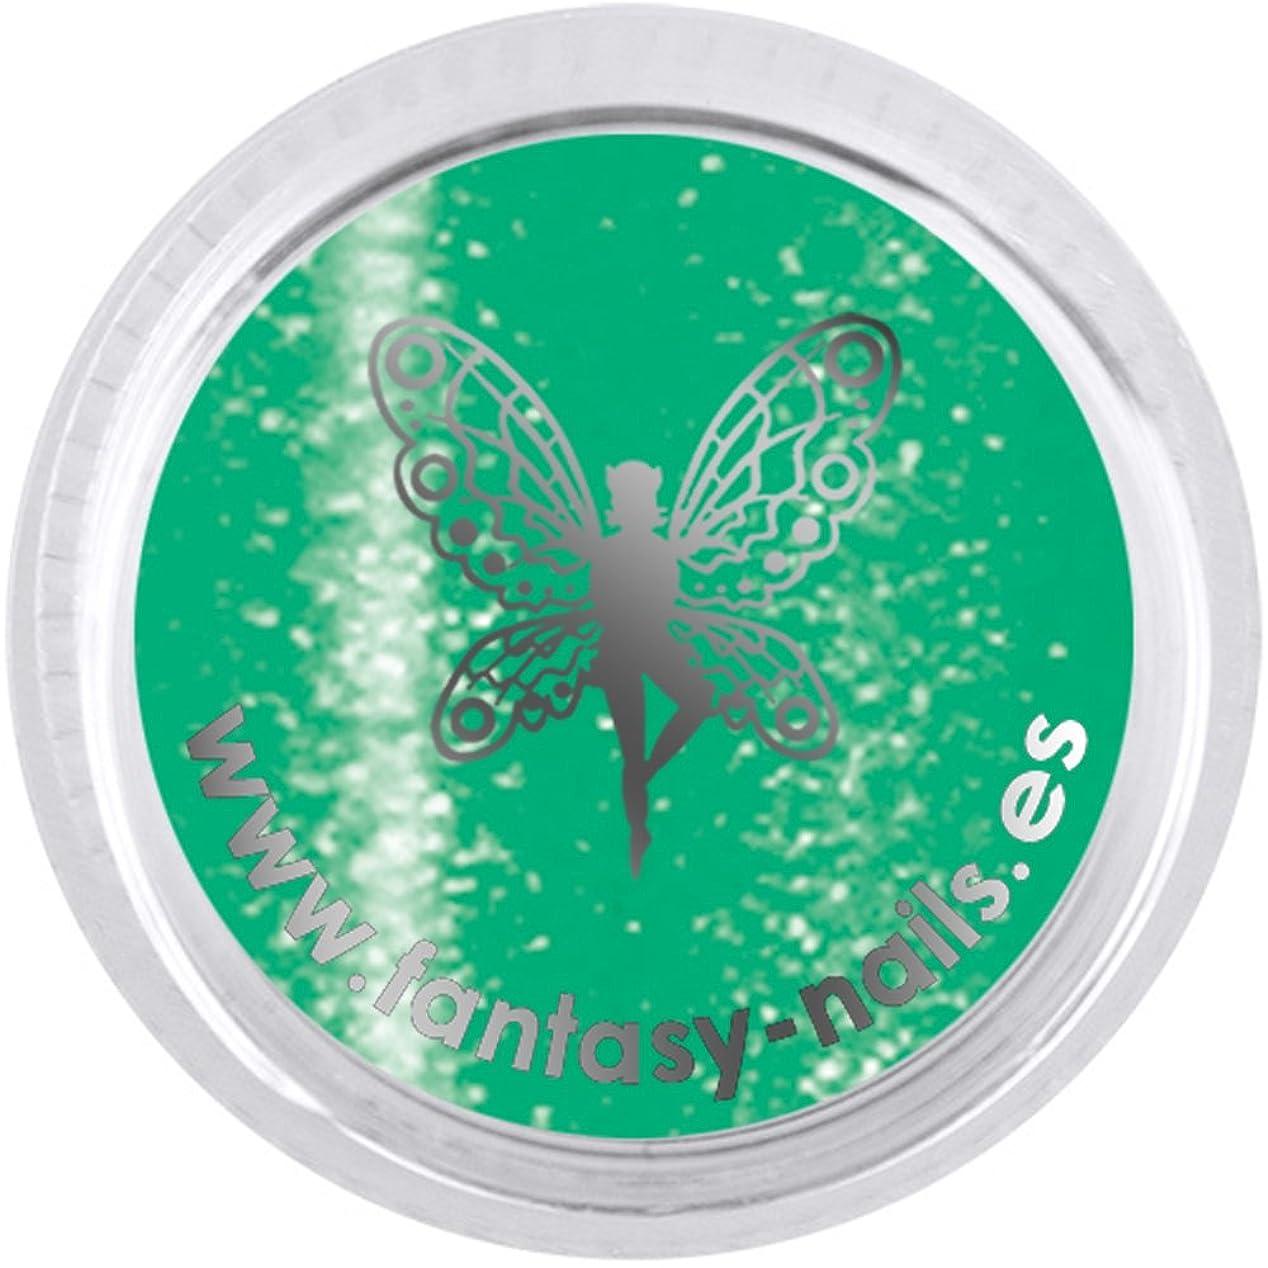 刺激する検出器カルシウムキャンディコレクション3g グリーンメロン